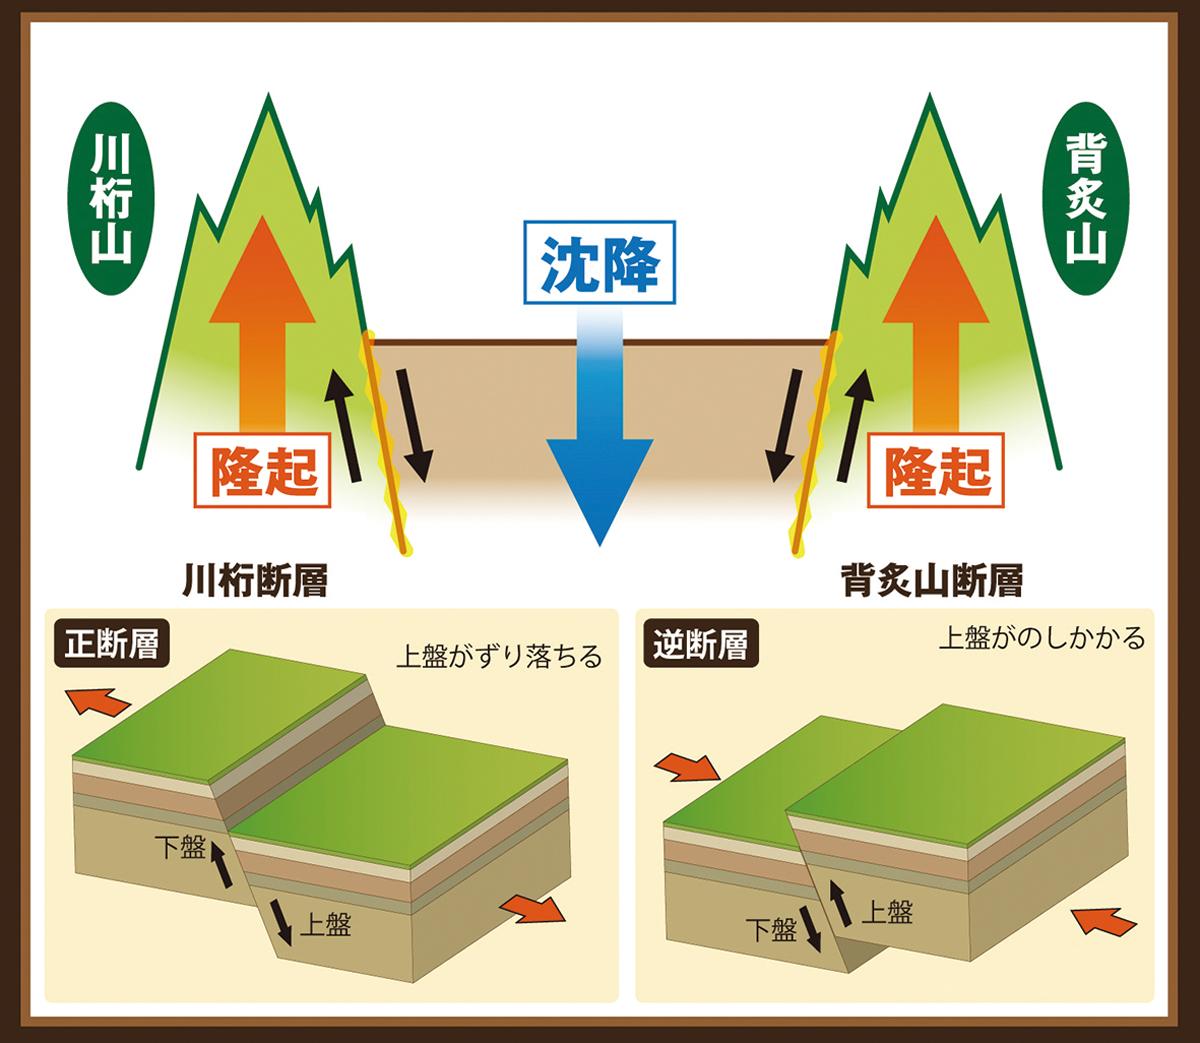 川桁断層と背炙山断層の活動